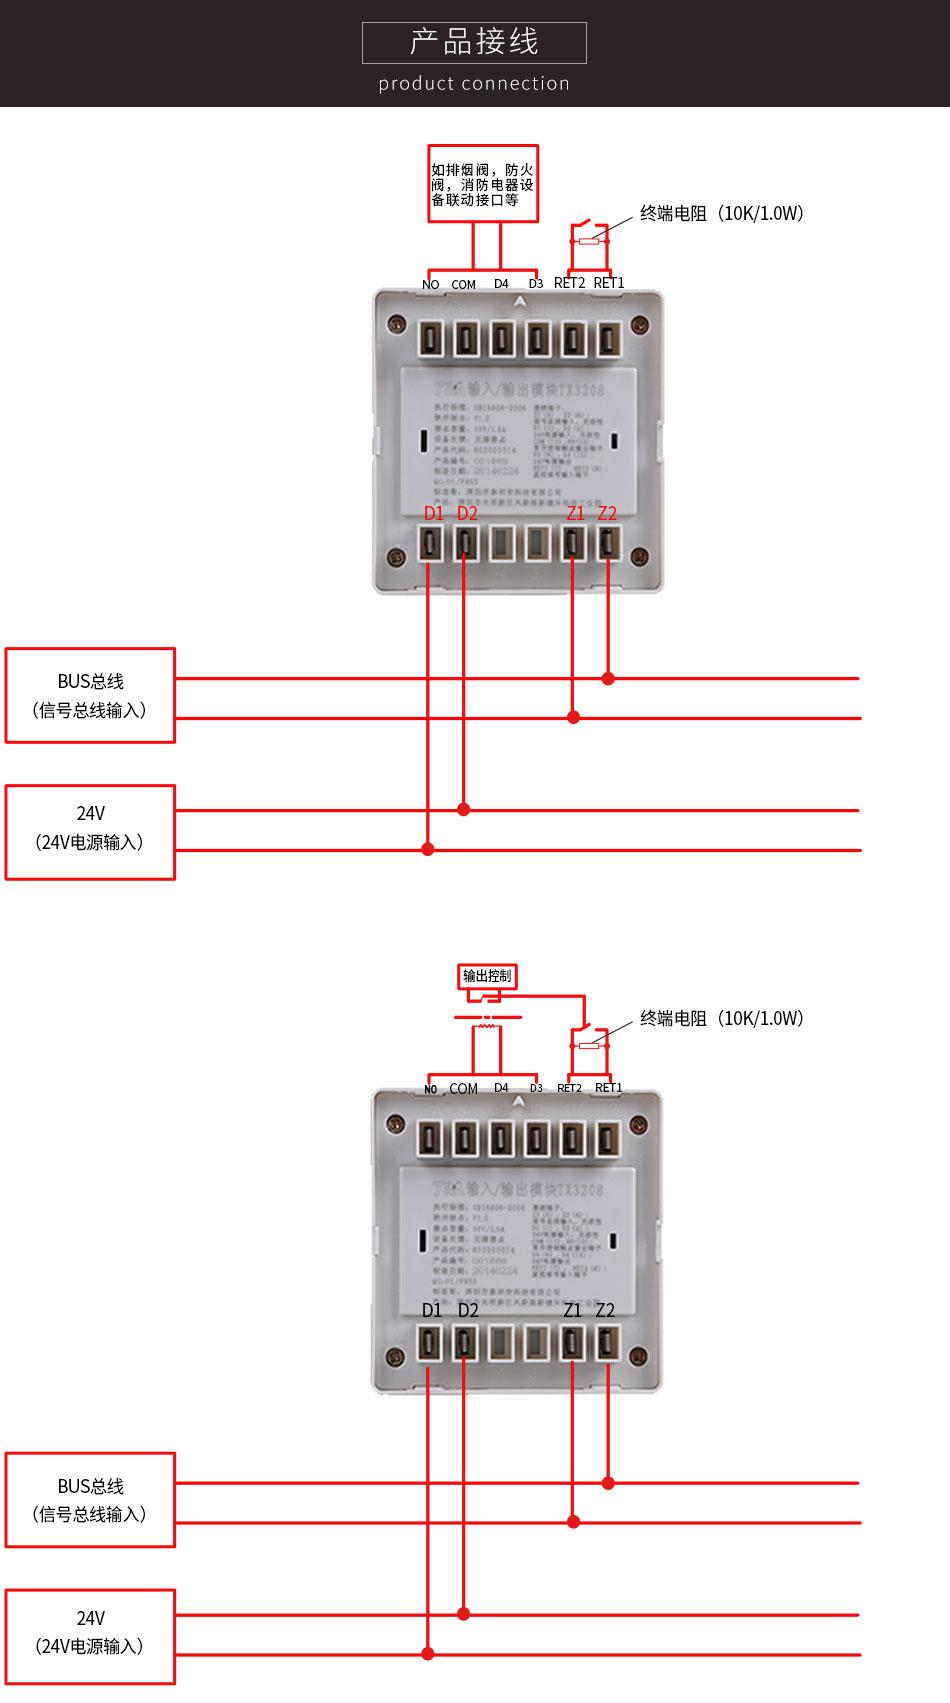 具有动作信号输出的被动型消防设备(如:排烟口,送风口,防火阀等)通过图片